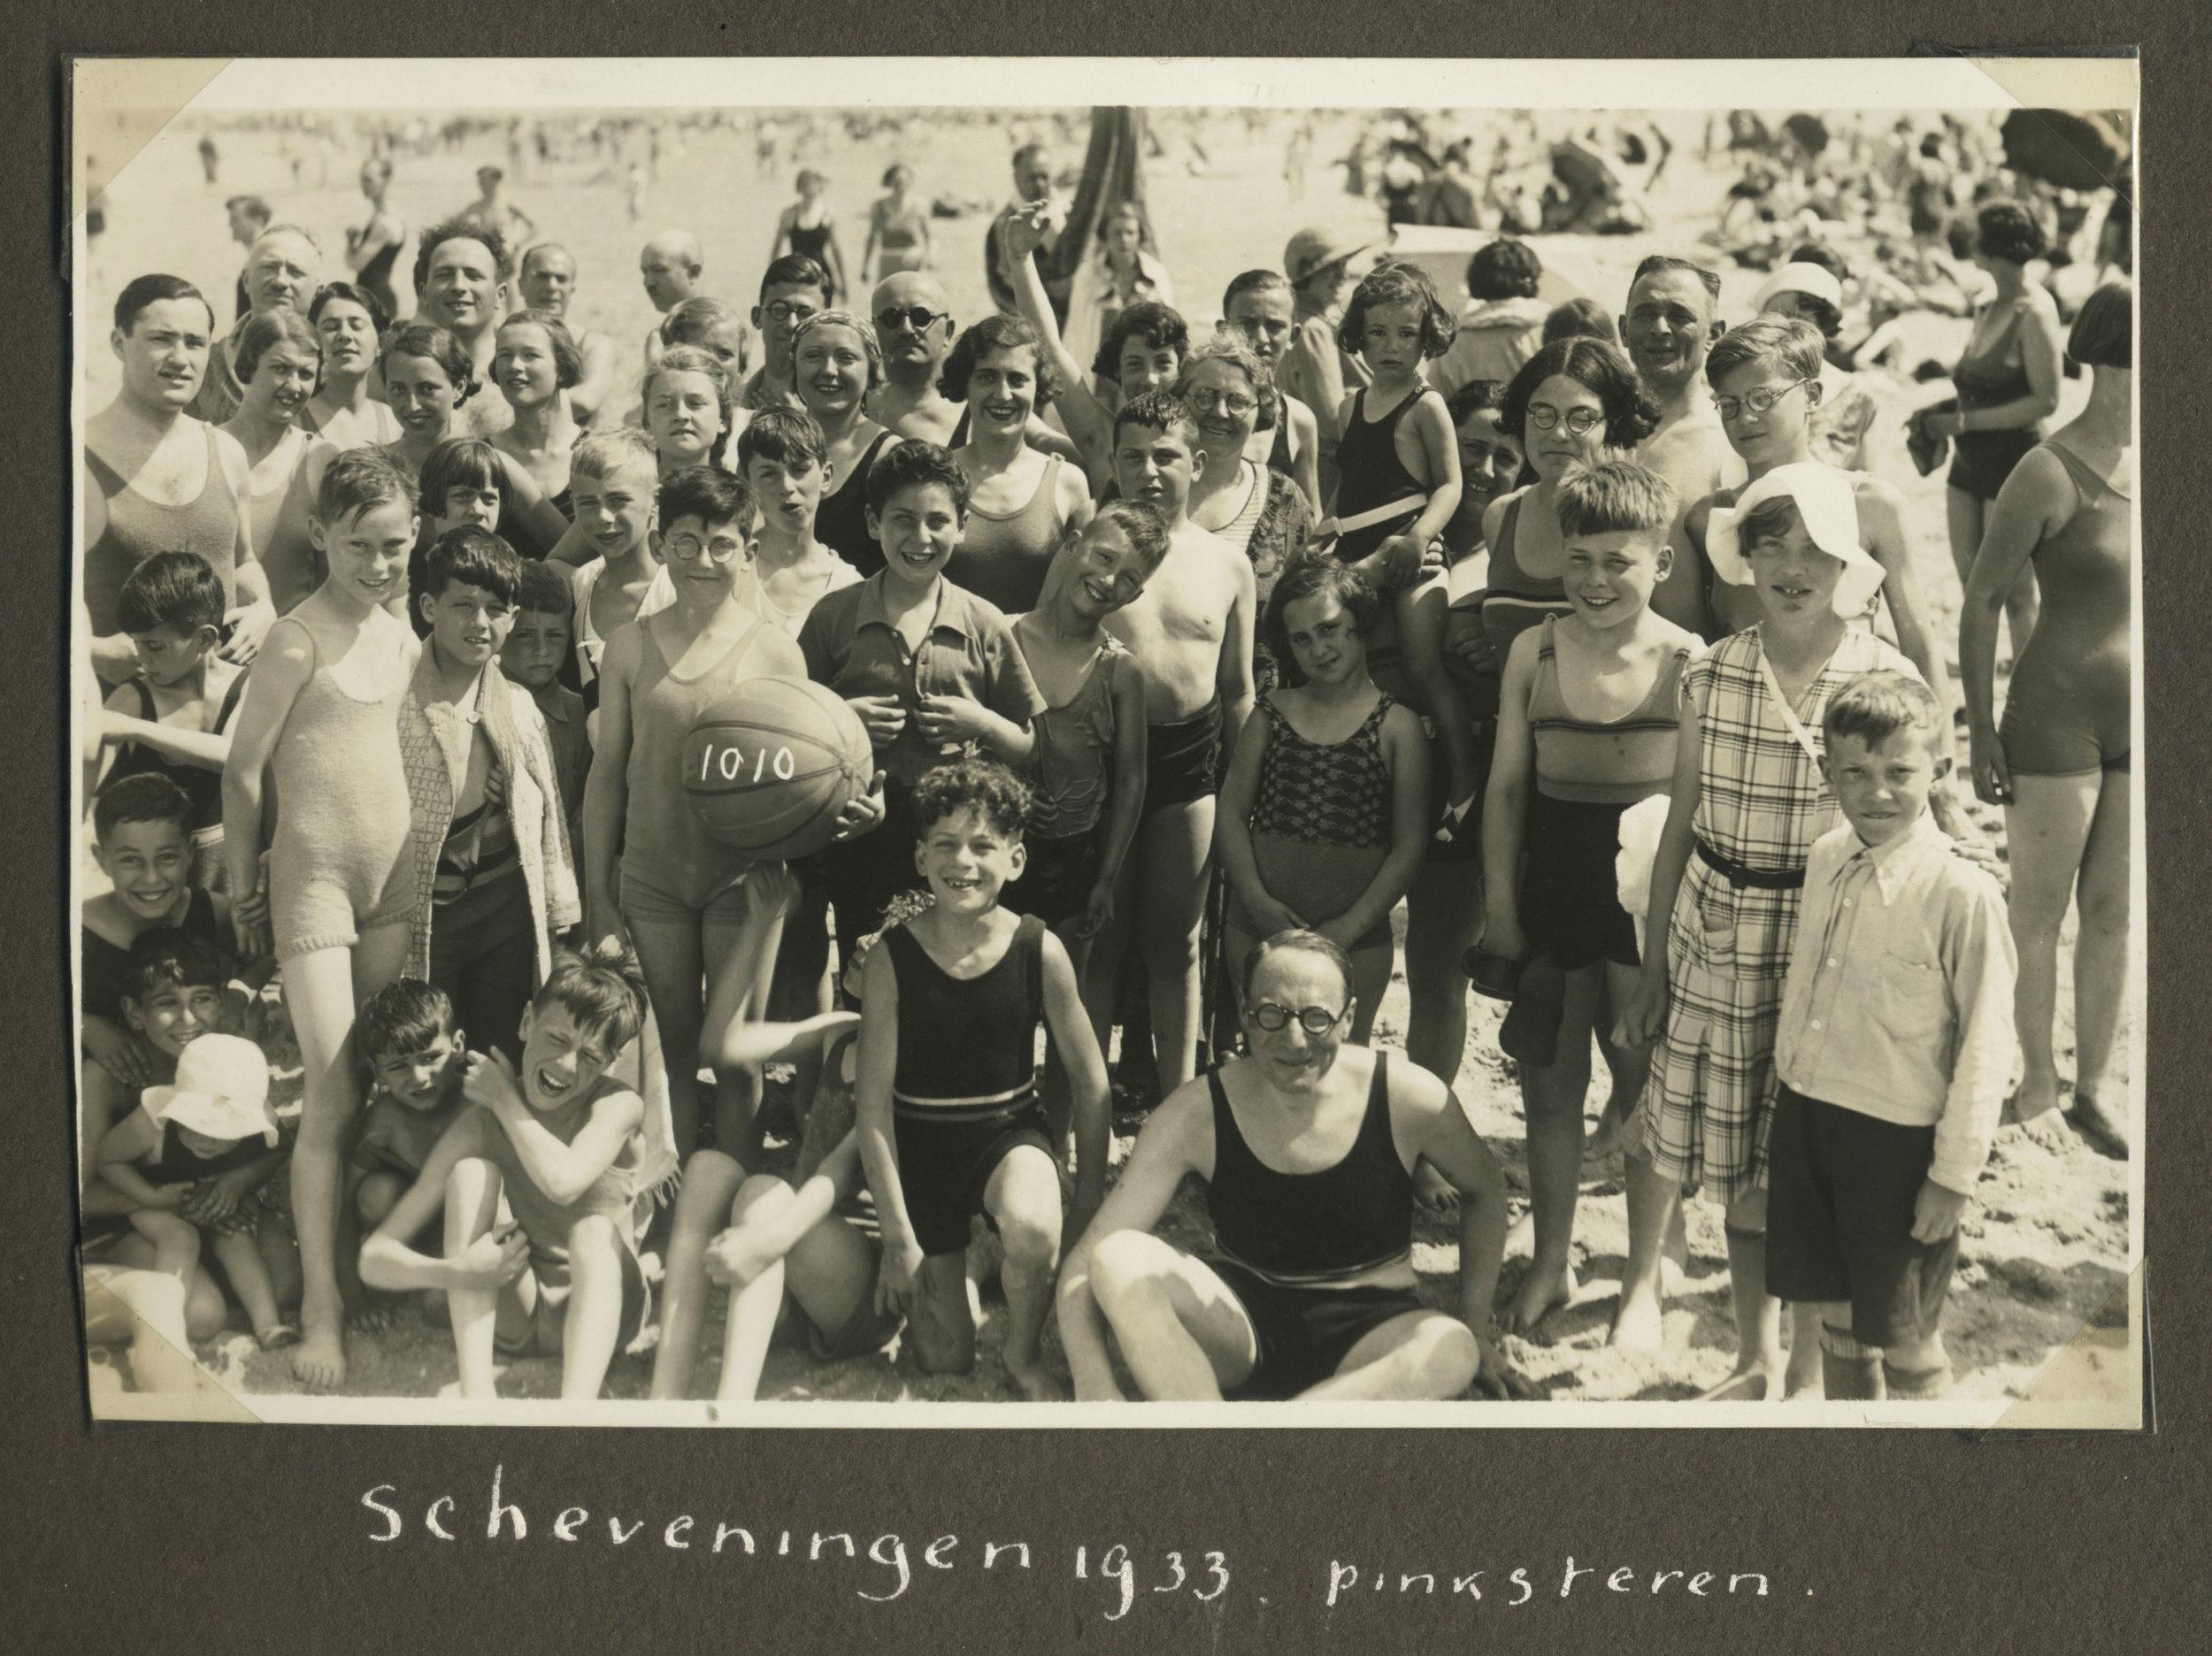 T2-04-GFH-album-no.-256-Scheveningen-1933_forweb.jpg